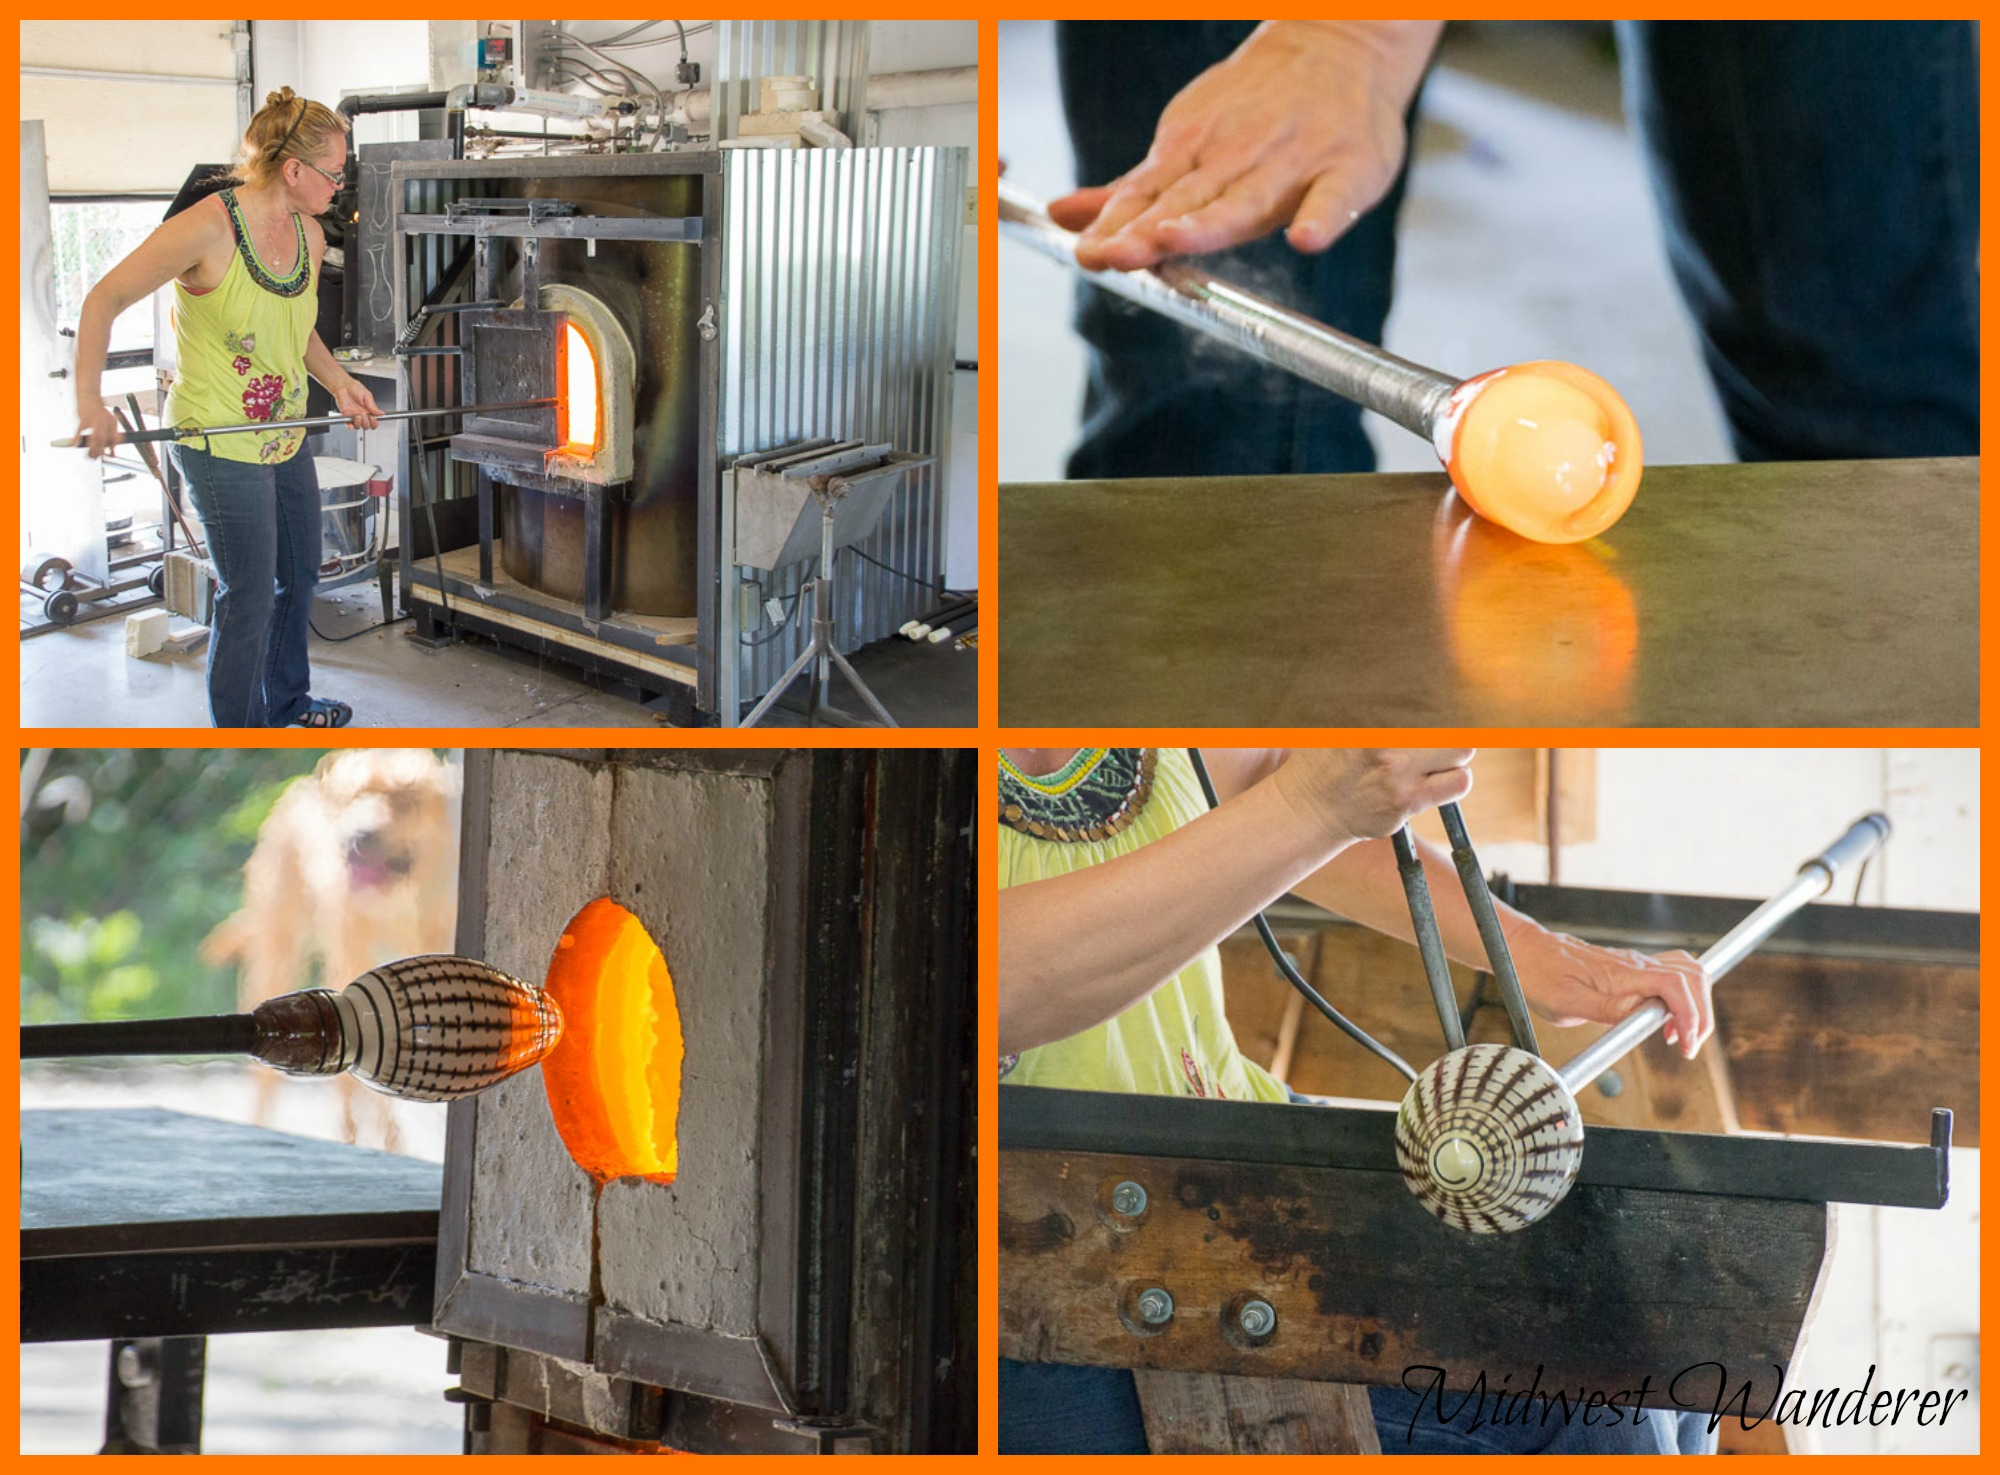 Hot Blown Glass demonstration